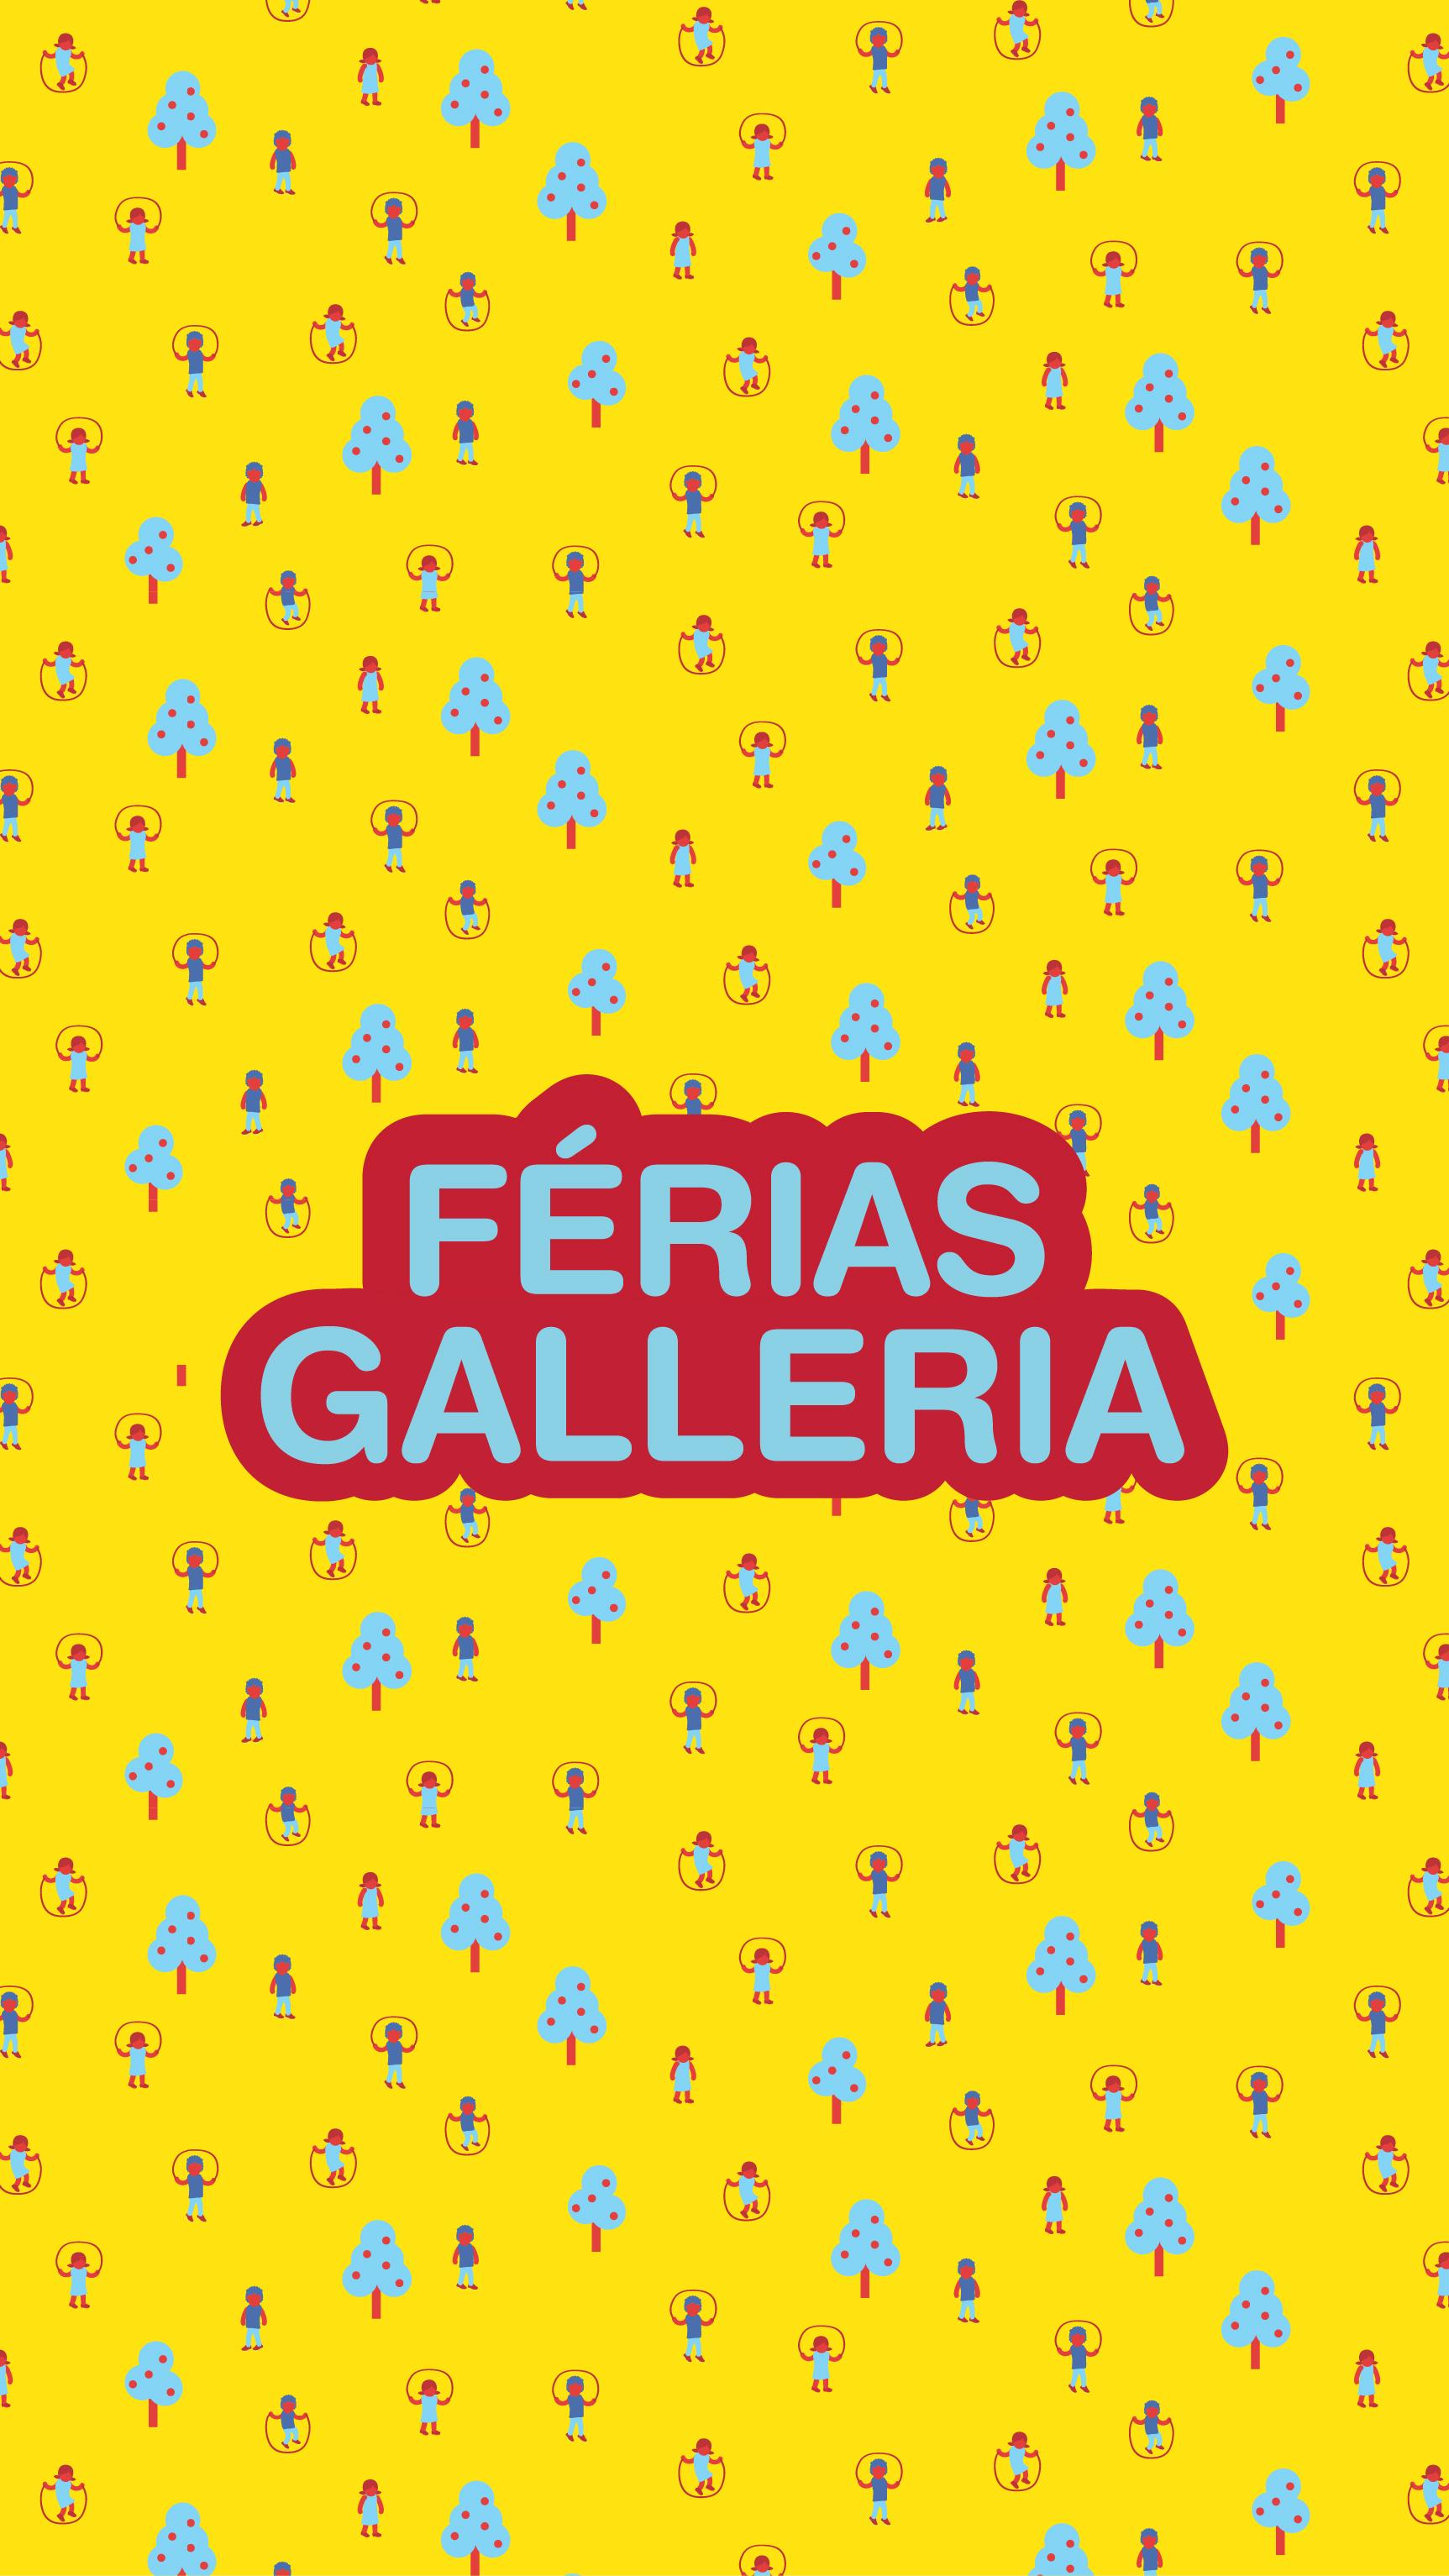 Férias Galleria 2021